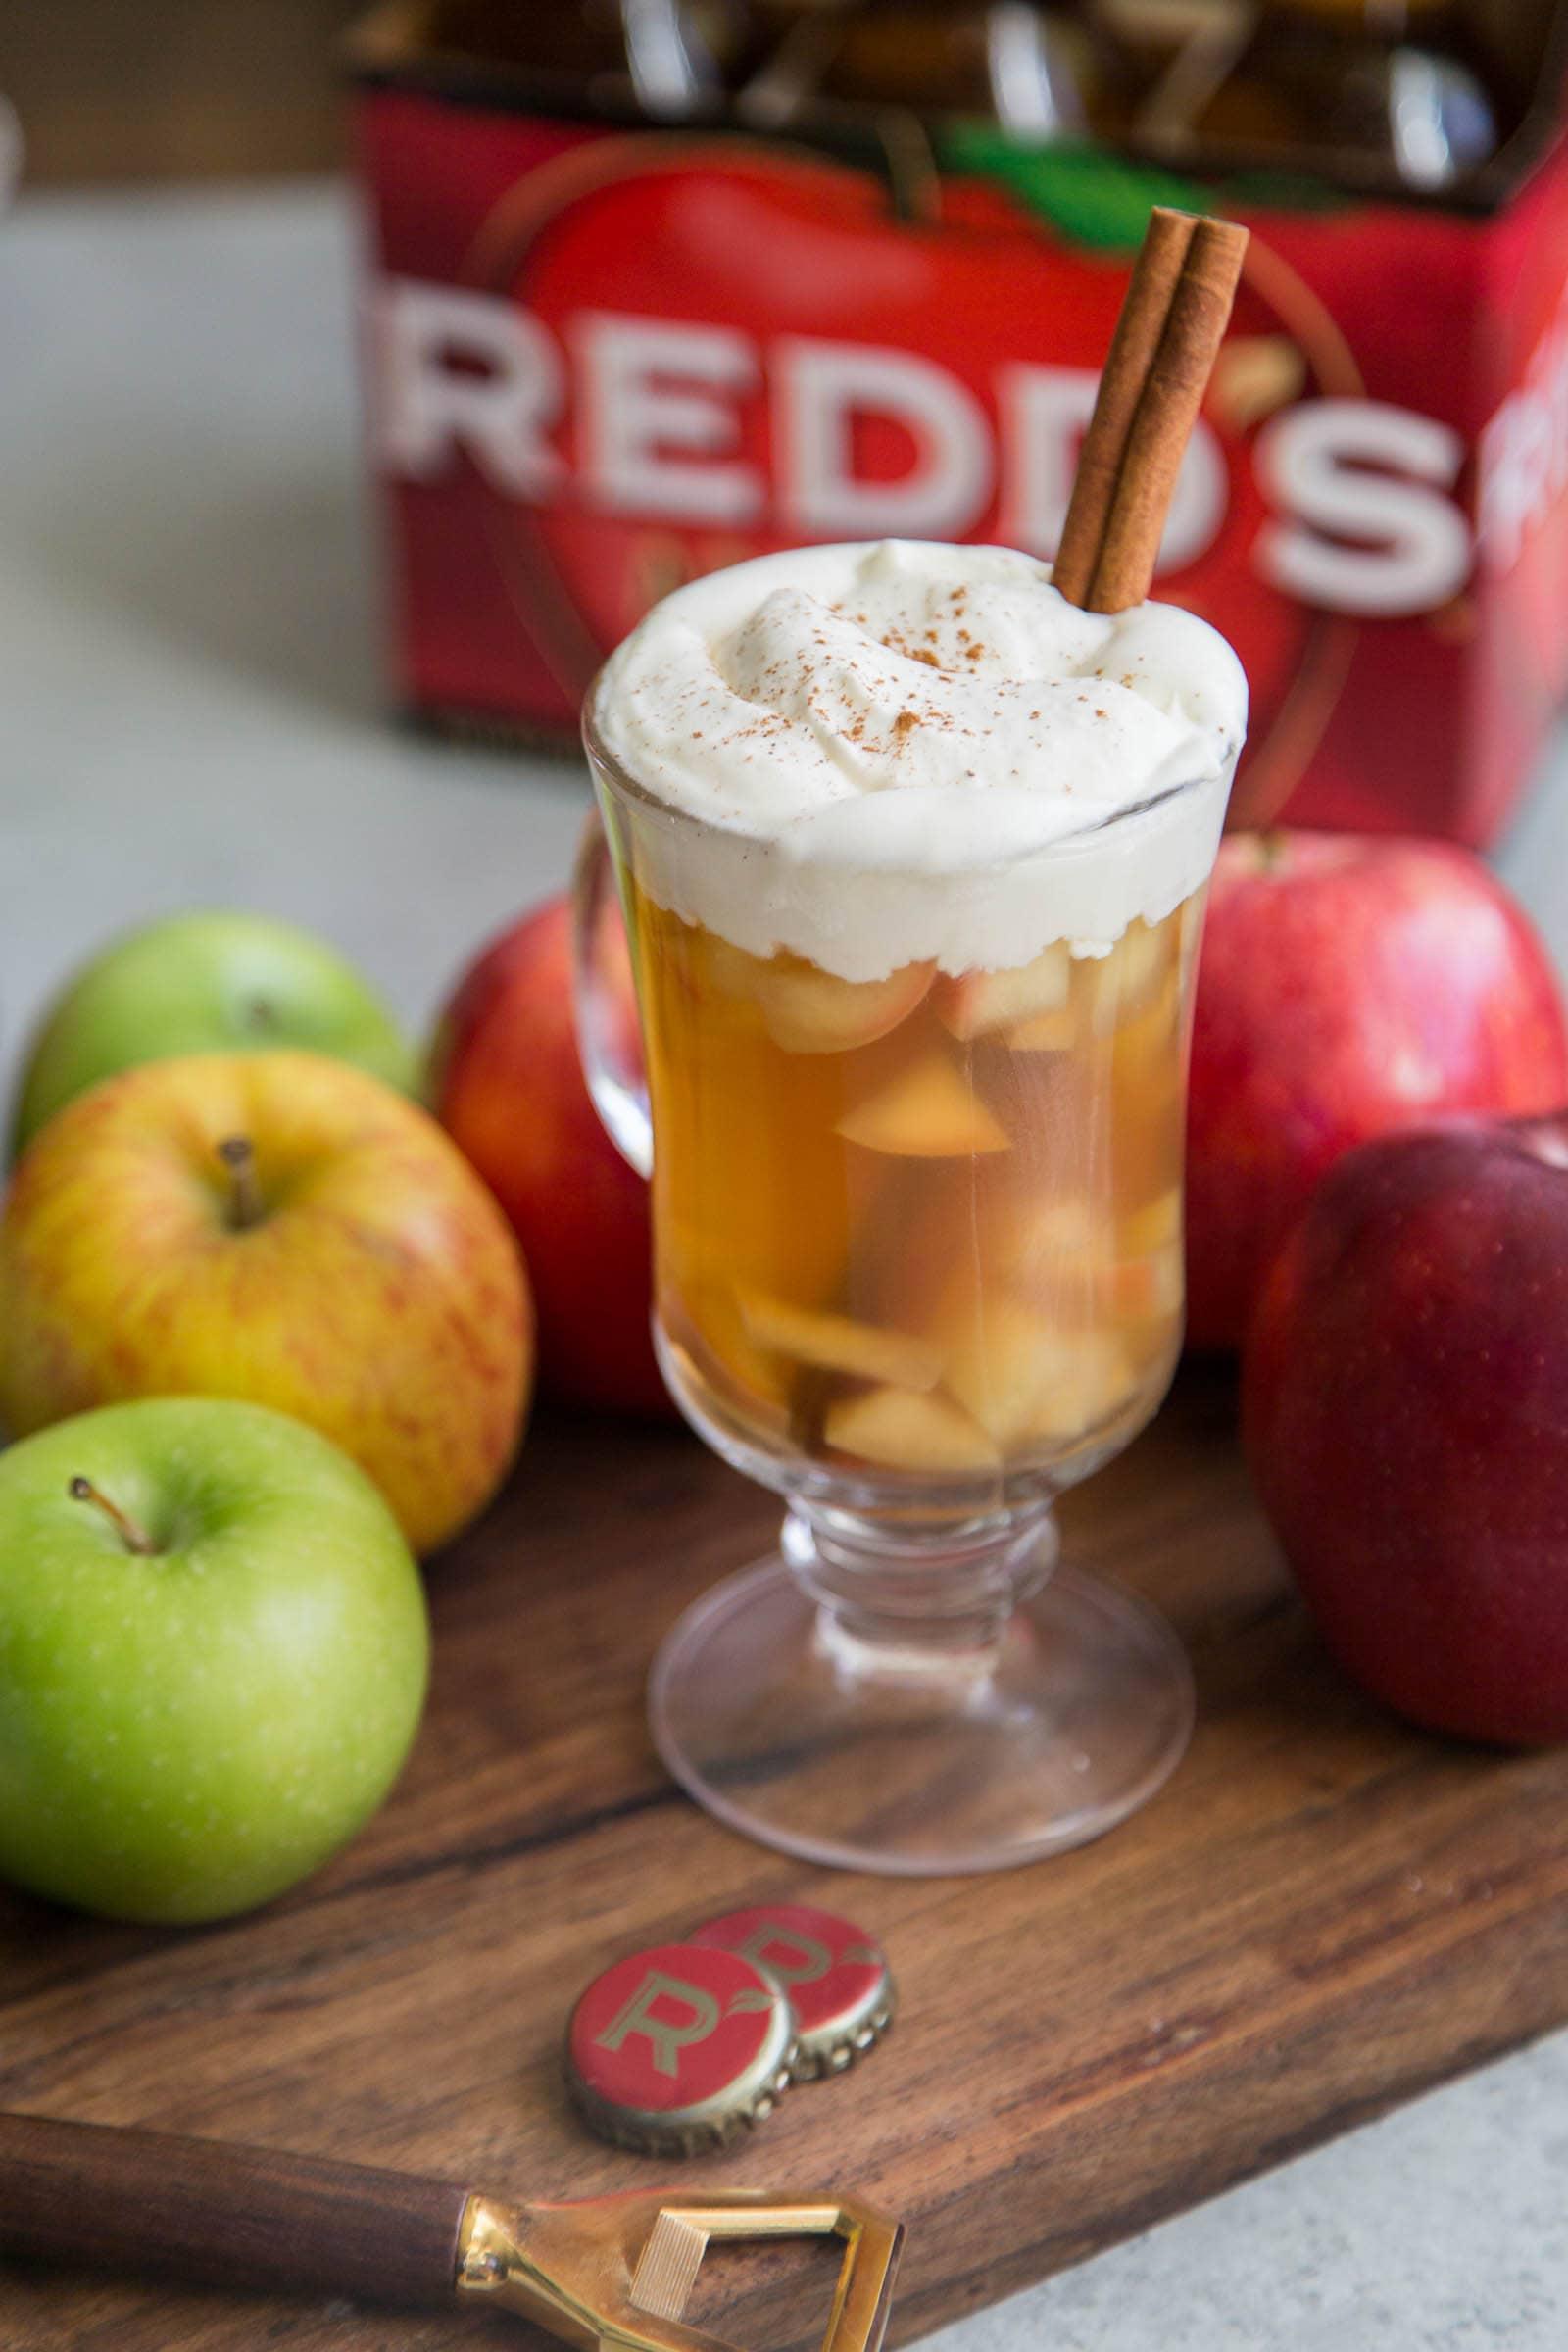 Redd's Apple Winter Warmer